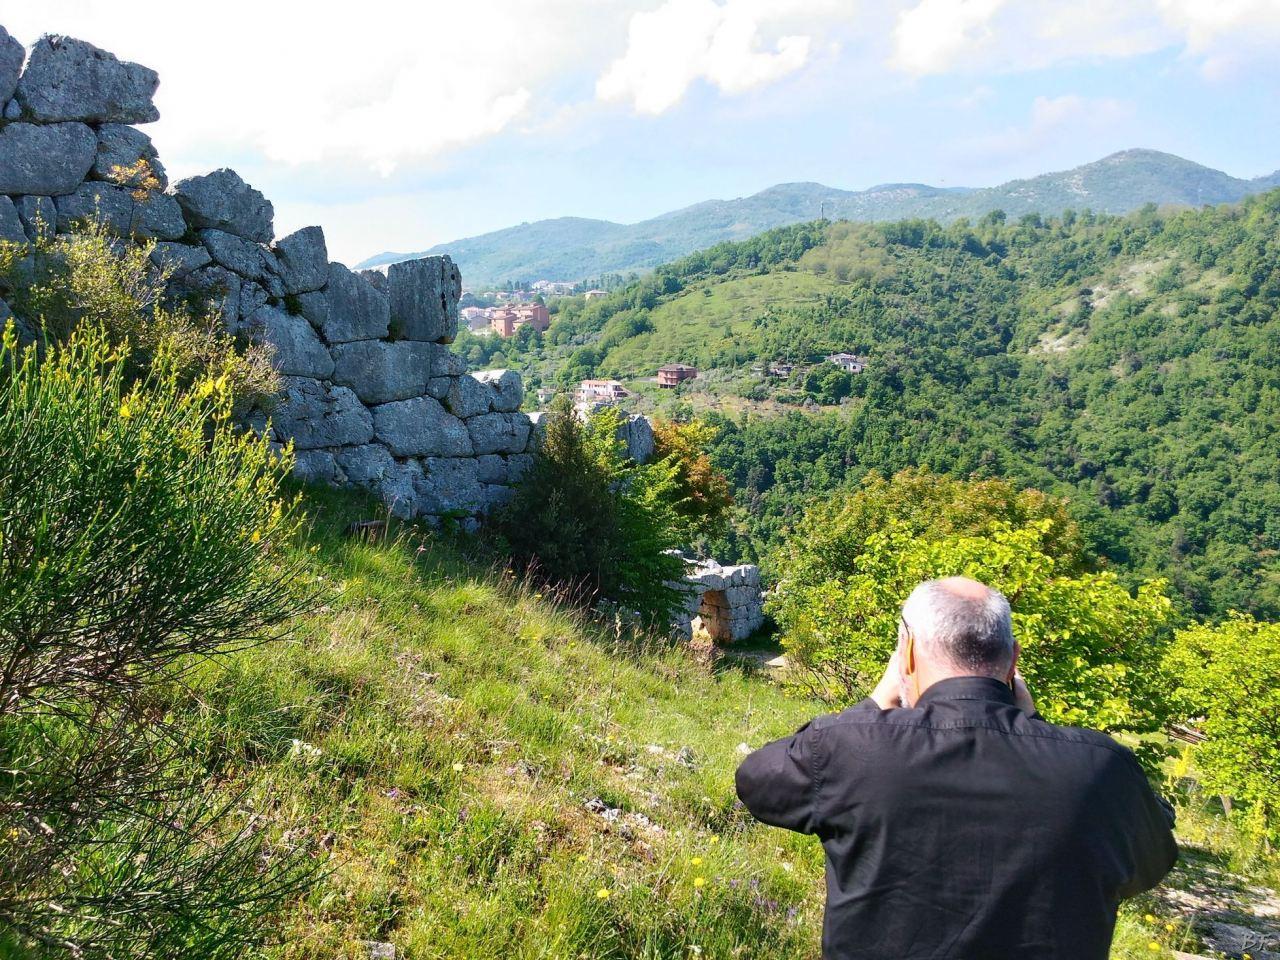 Signia-Mura-Poligonali-Megalitiche-Segni-Roma-Lazio-Italia-15